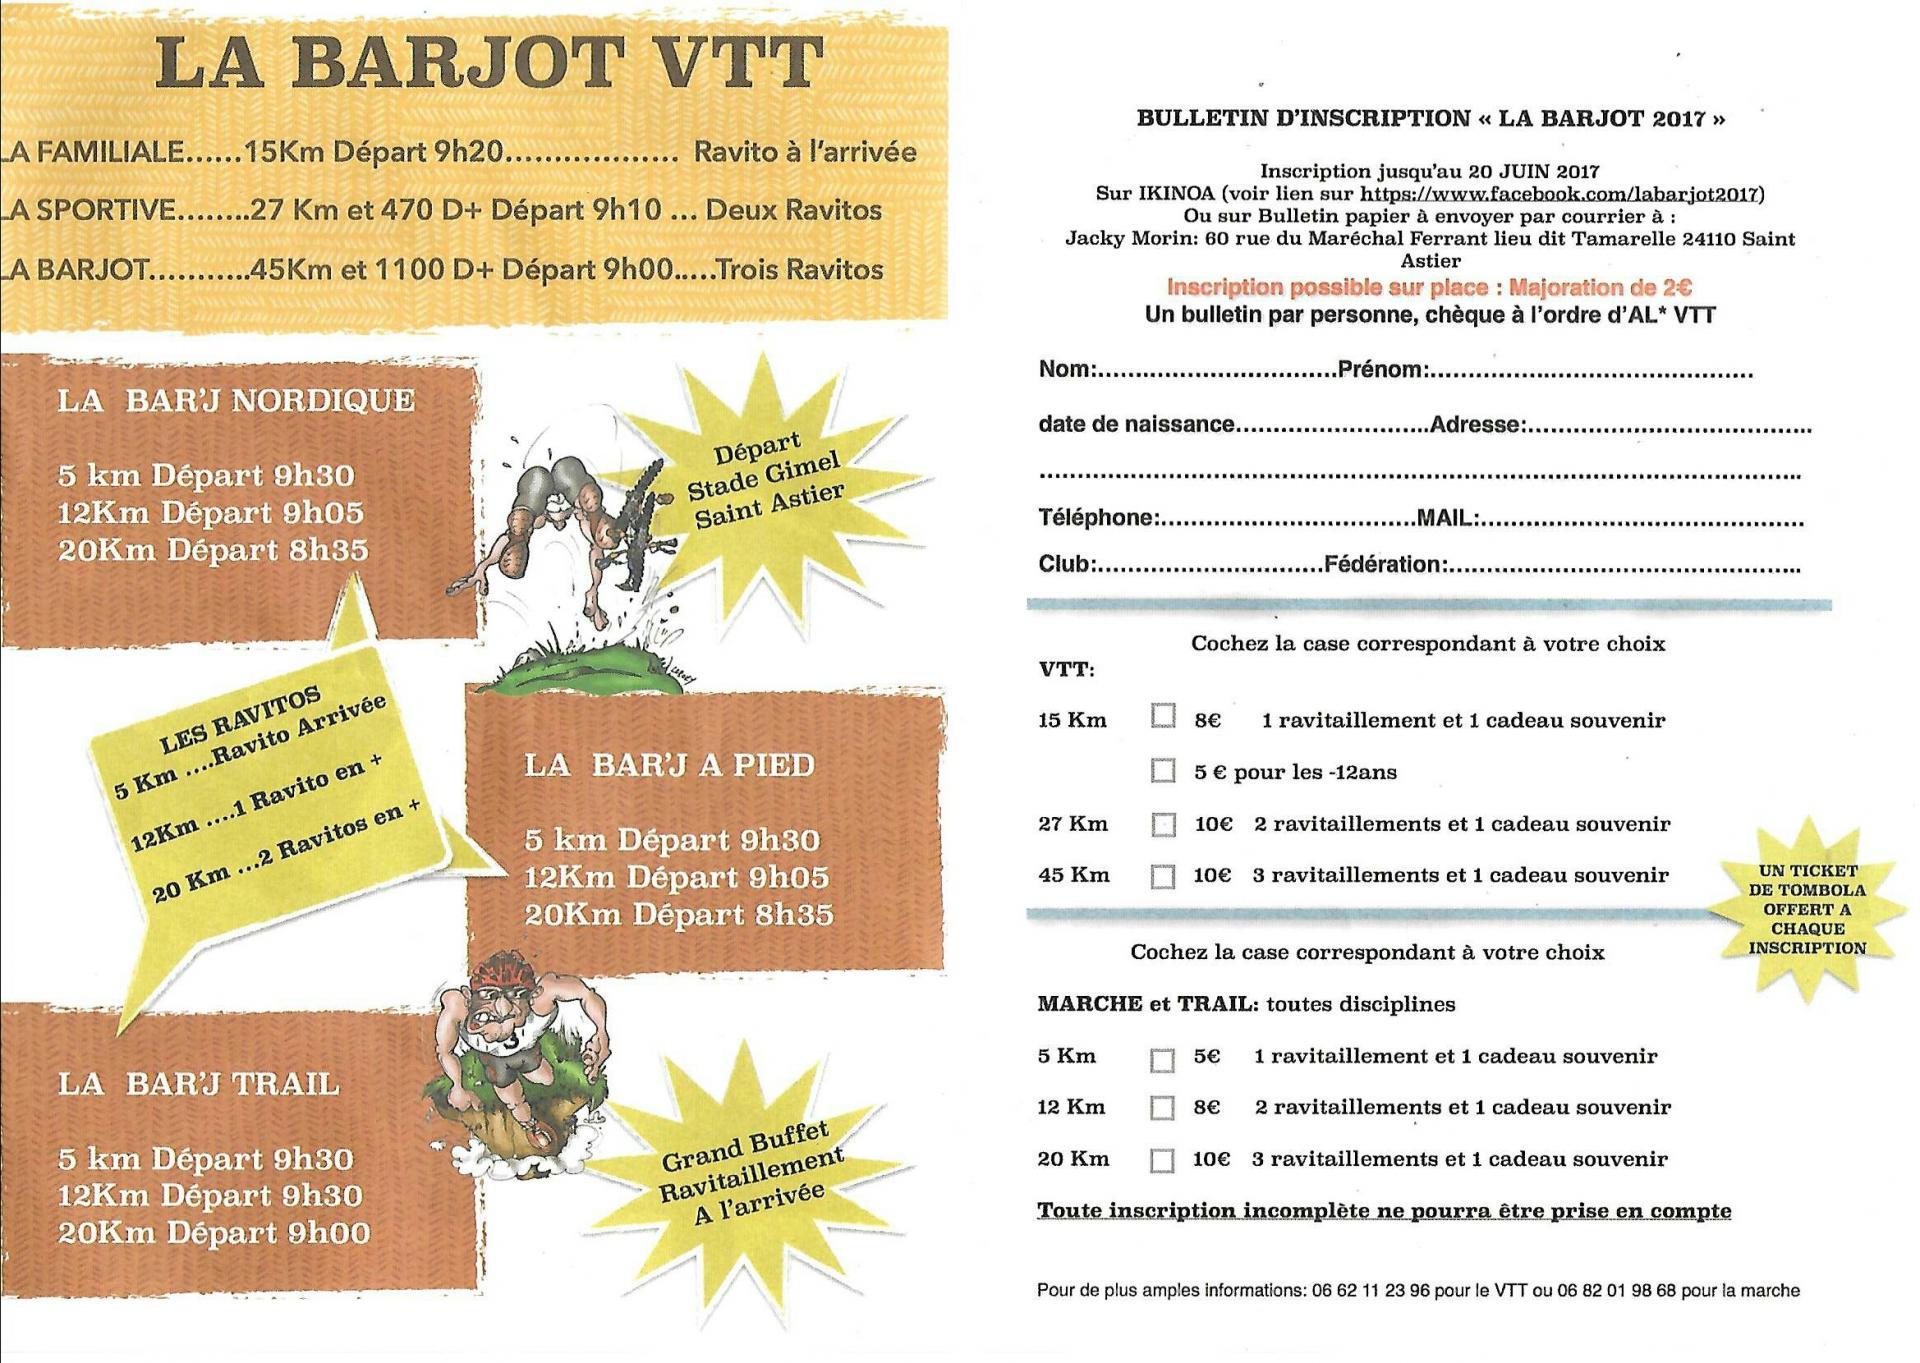 La barjot 2017 page 2